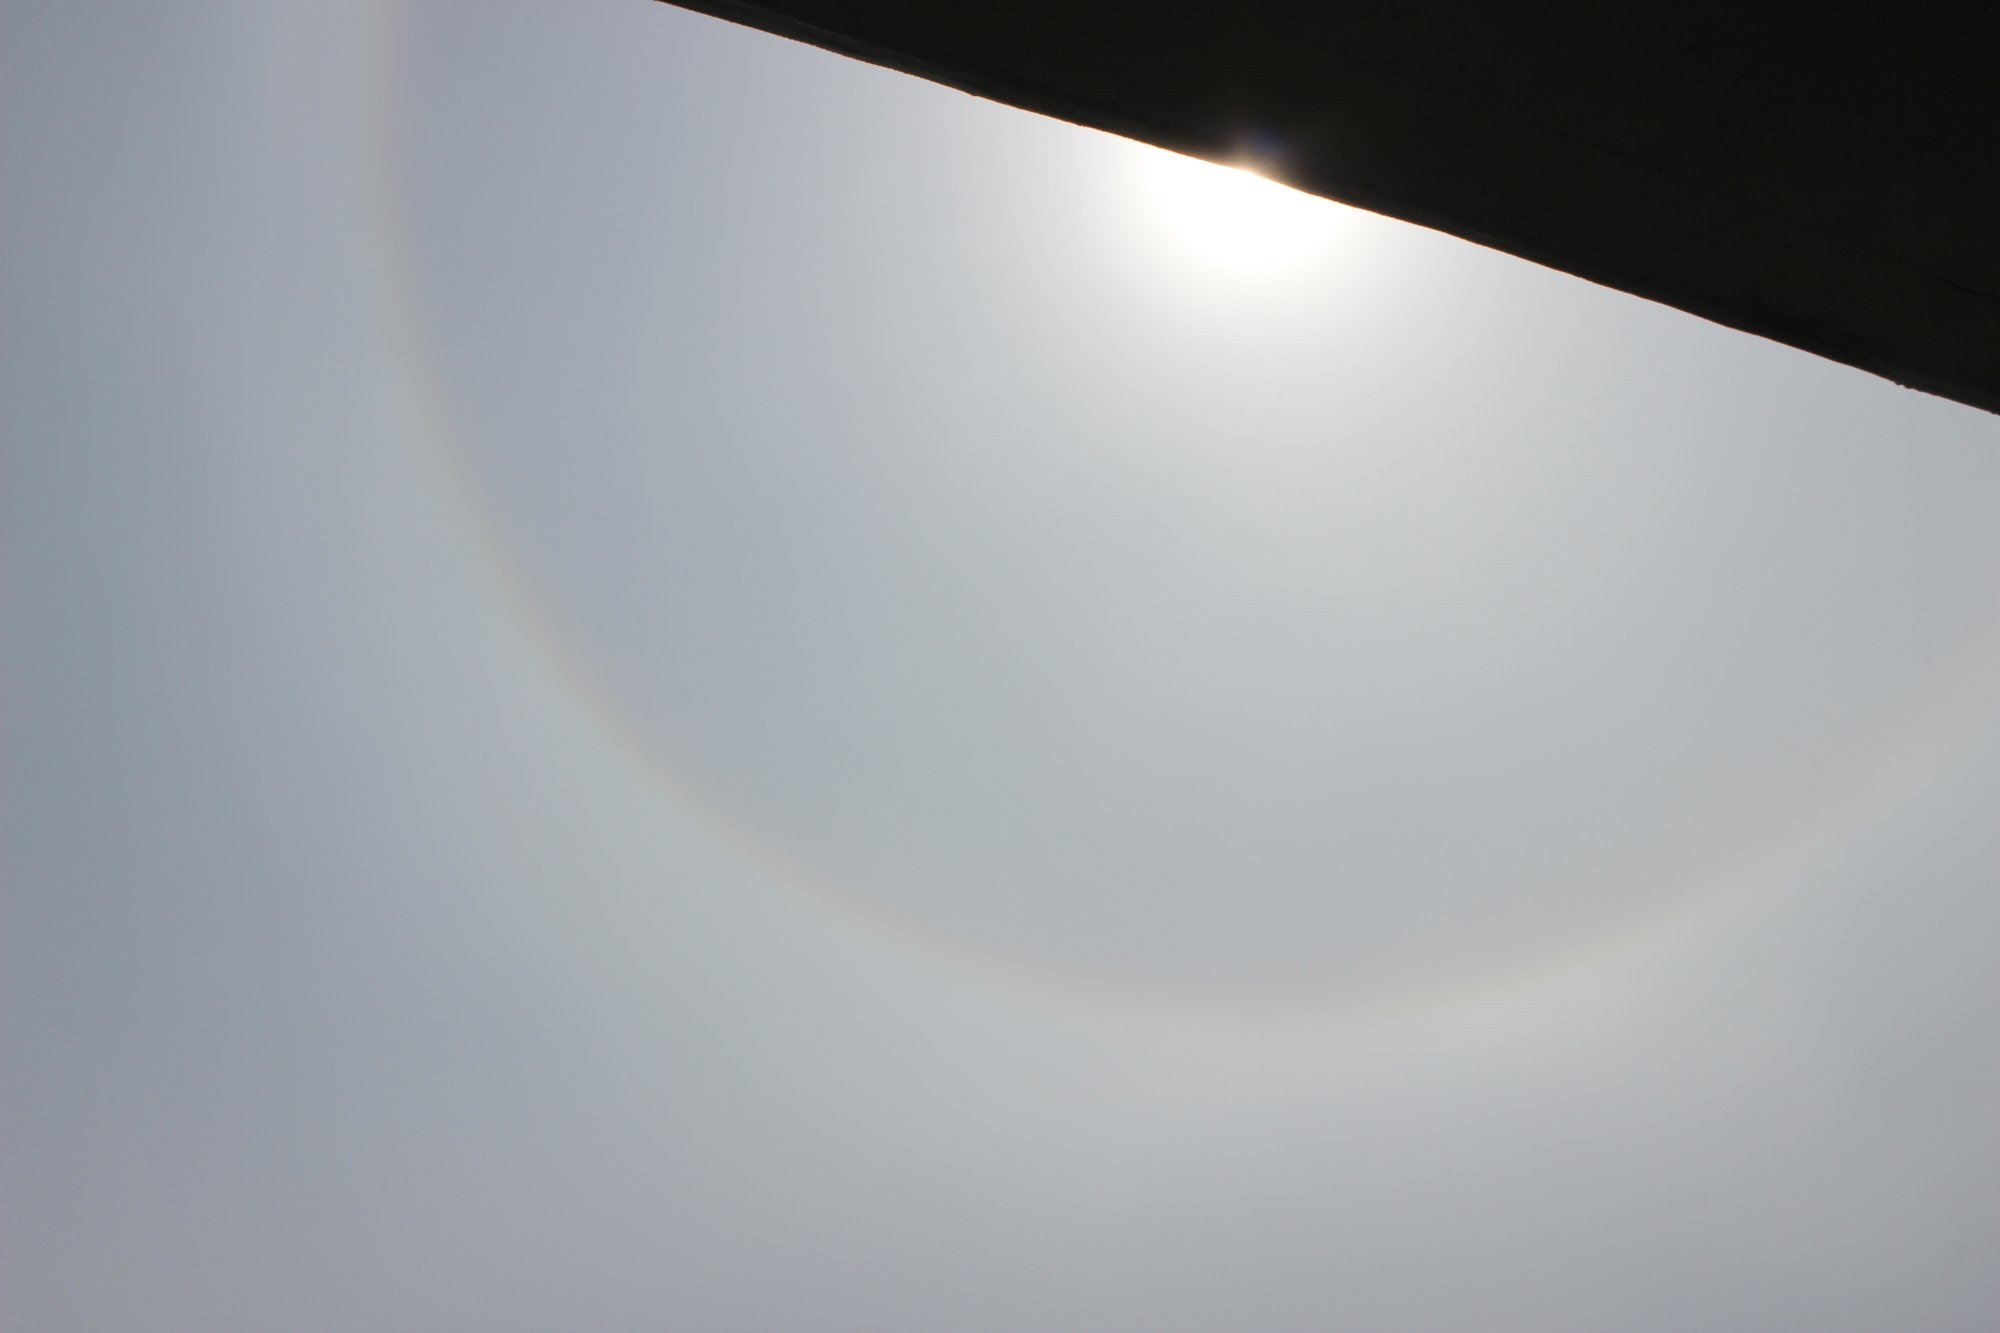 Sluneční úkaz - malé halo